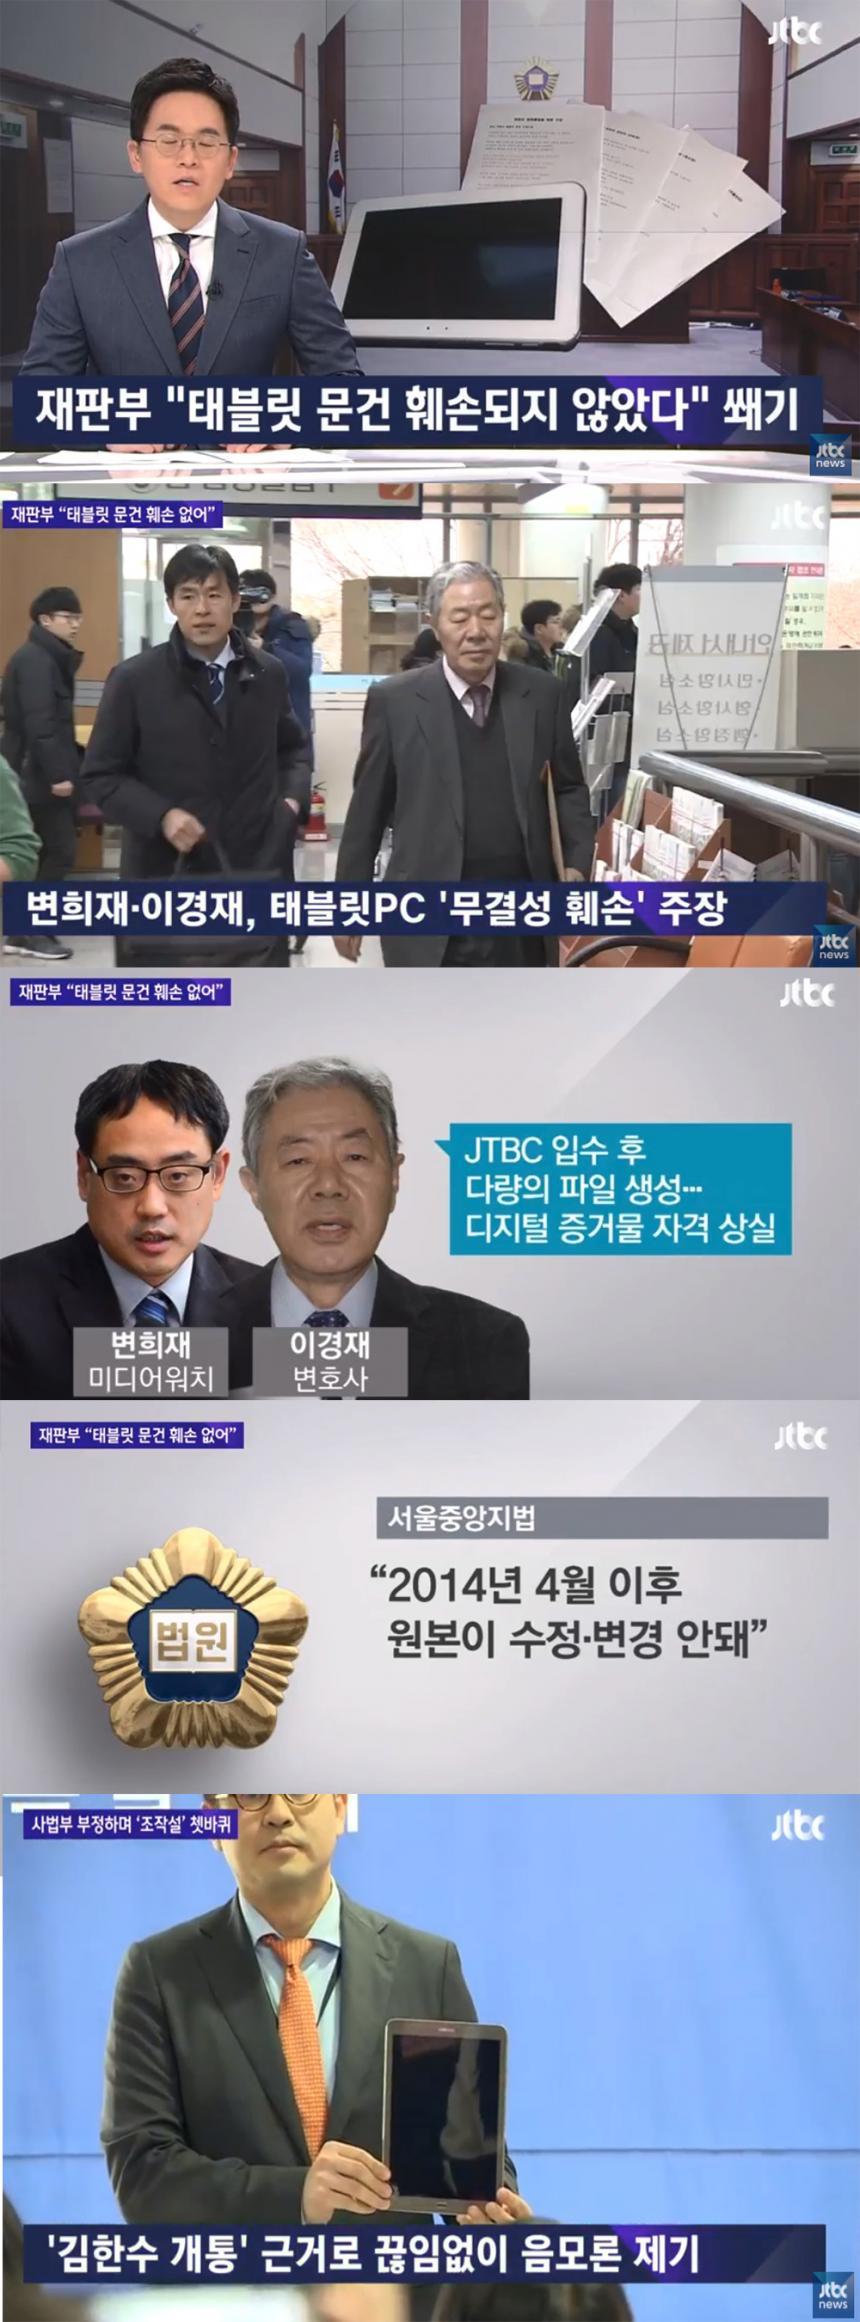 JTBC '뉴스룸'에서는